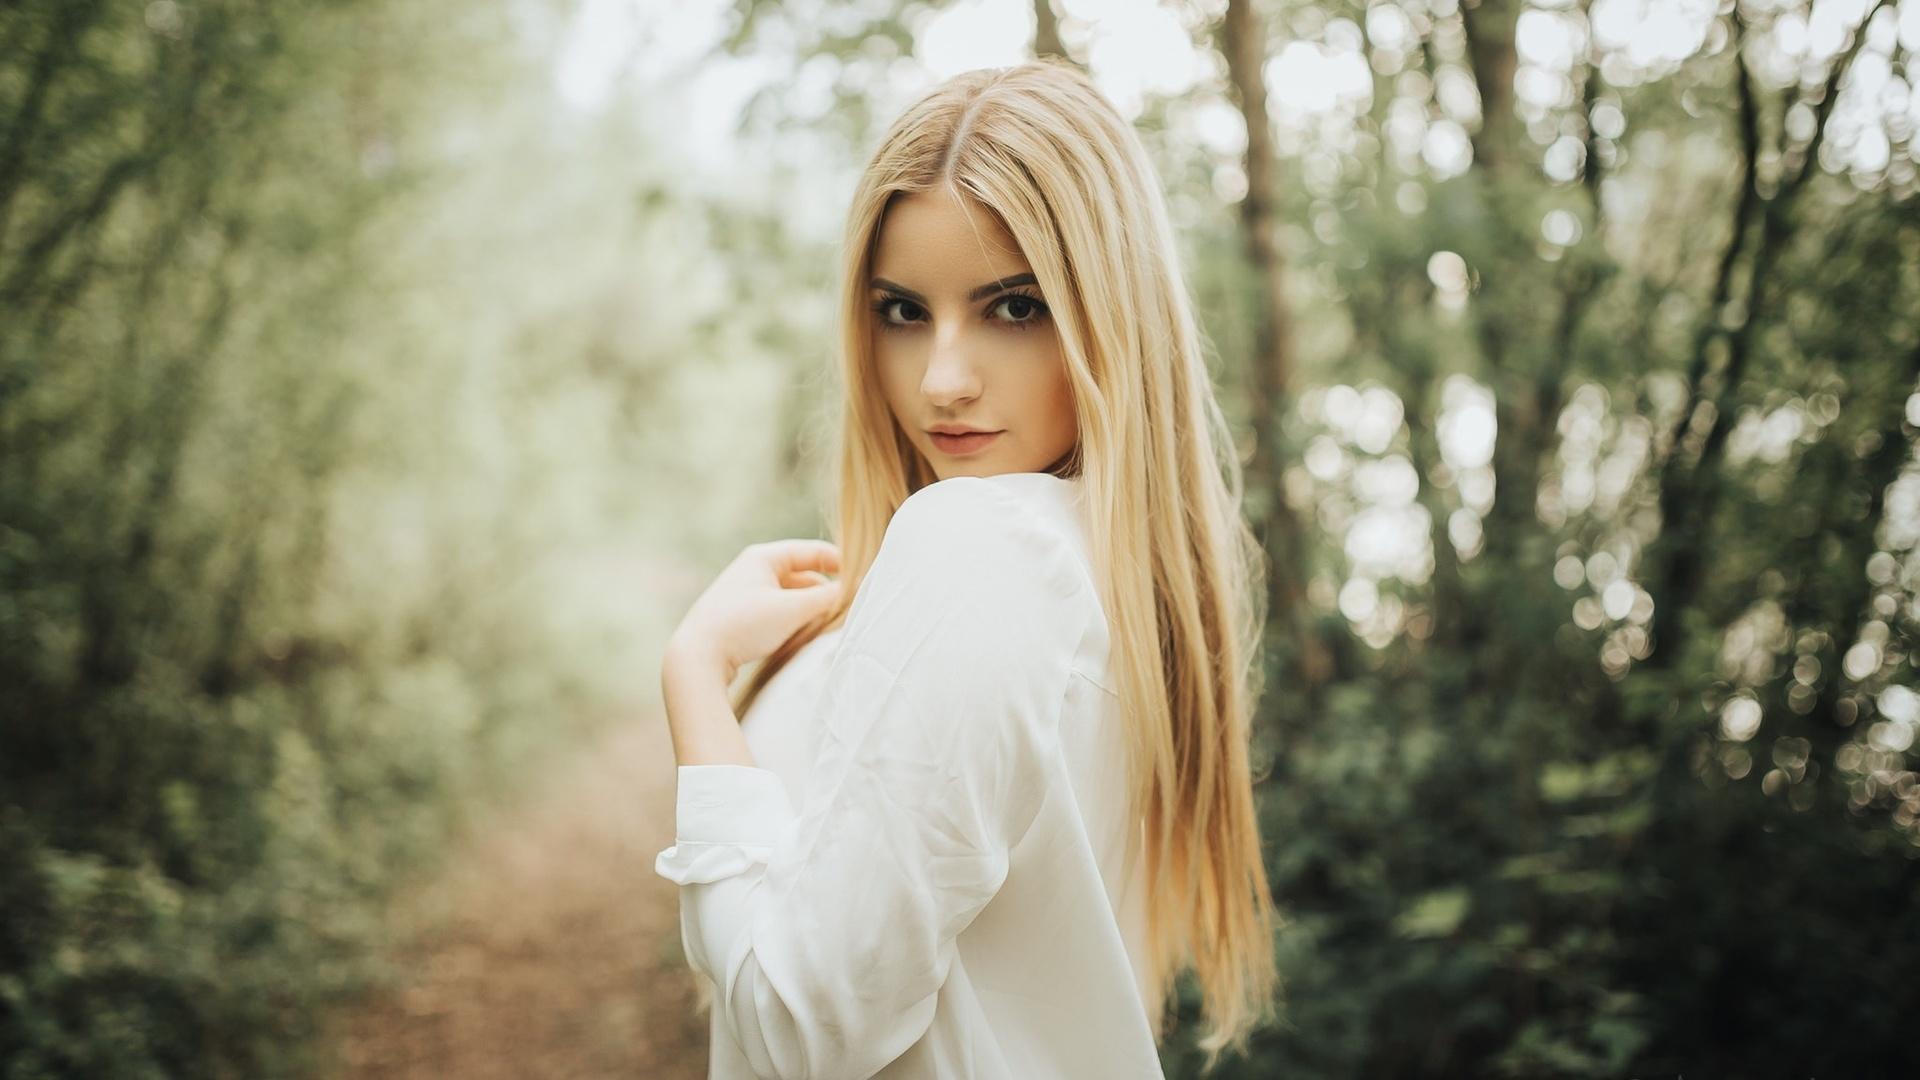 Блондинки на природе фото фото, выебал в попу онлайн